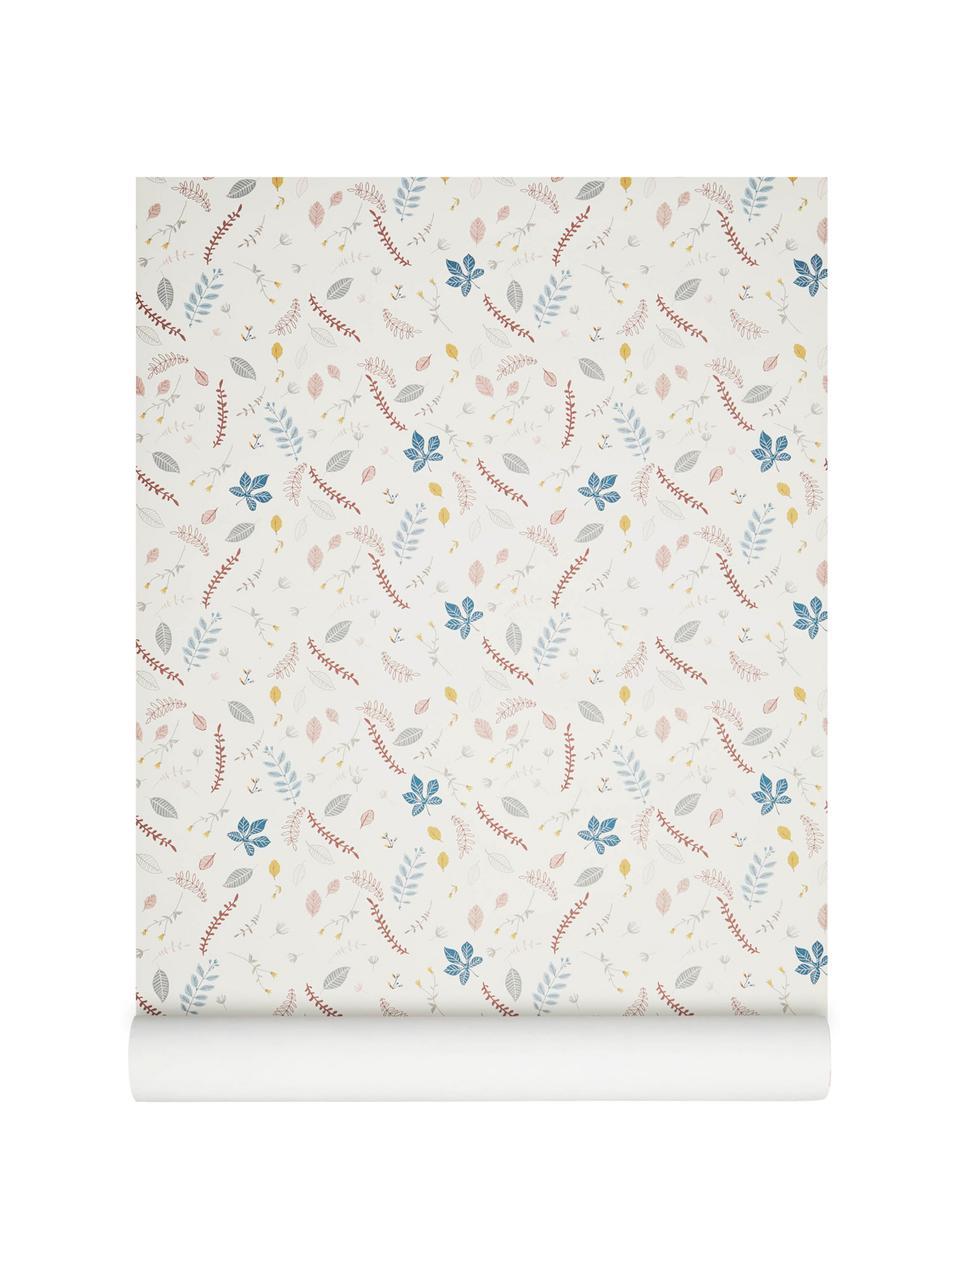 Behang Pressed Leaves, Papier, Crèmekleurig, roze, blauw, grijs, geel, 53 x 1005 cm